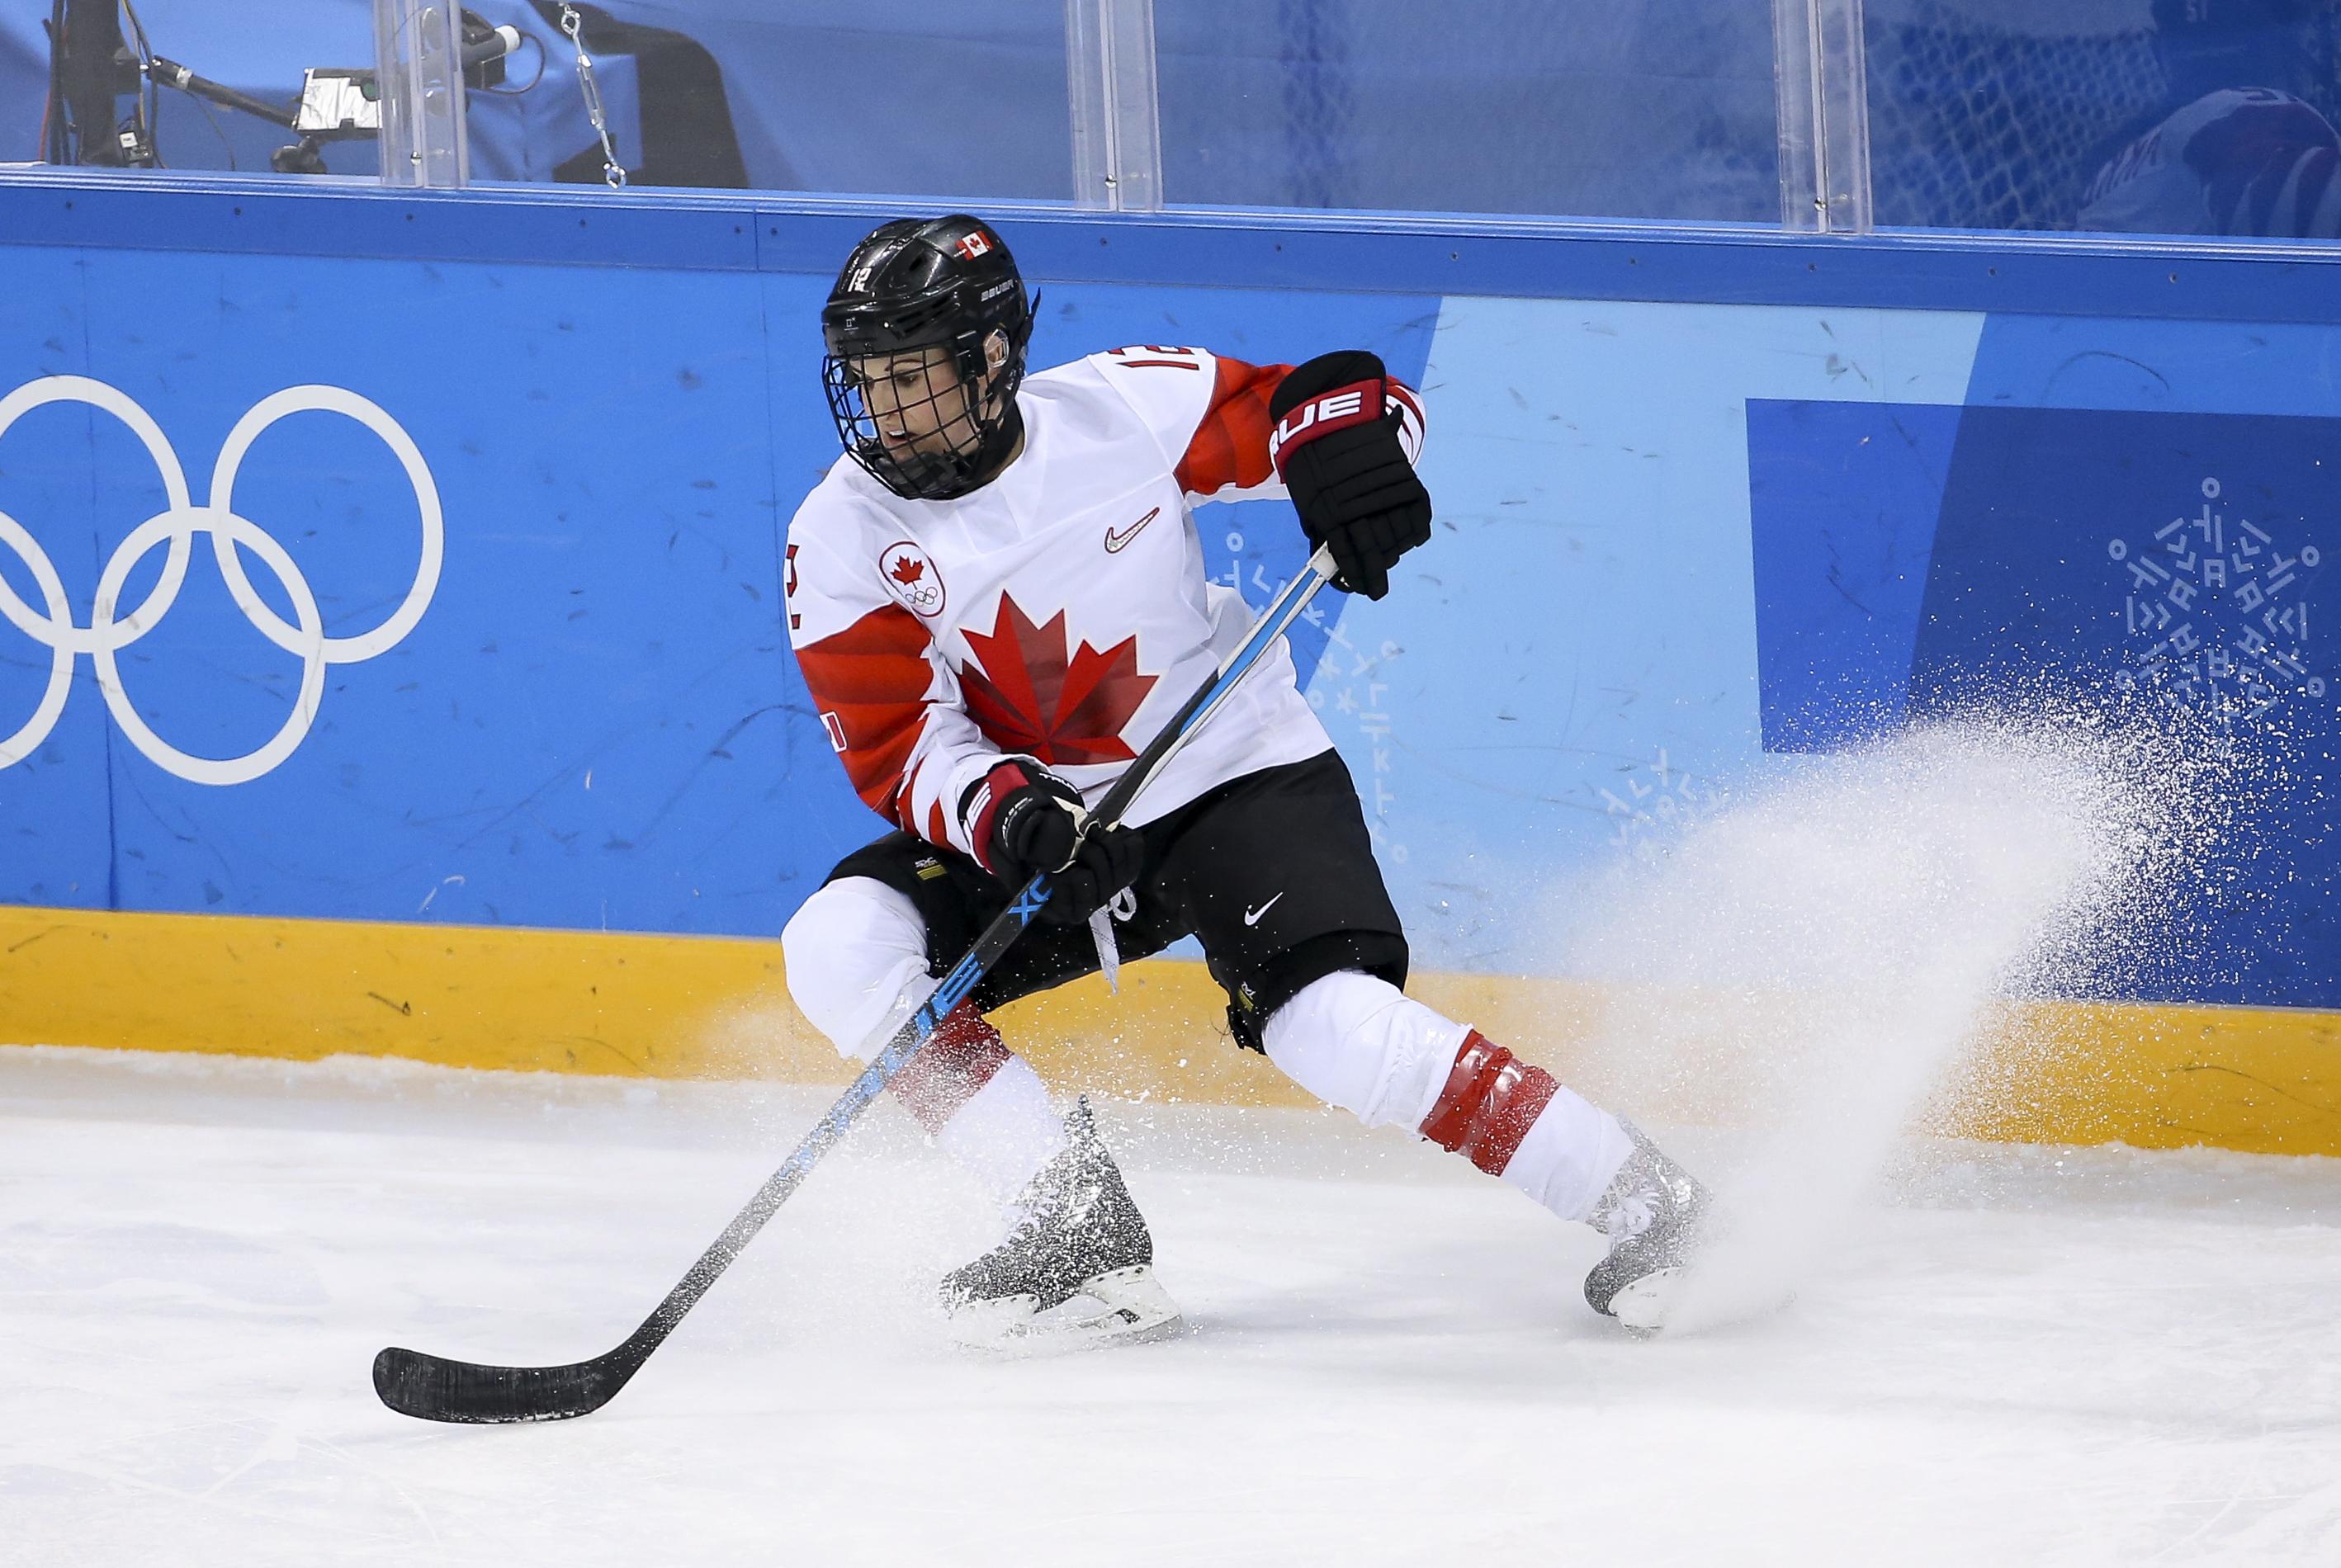 Ice Hockey - Winter Olympics Day 10 - Canada v OAR